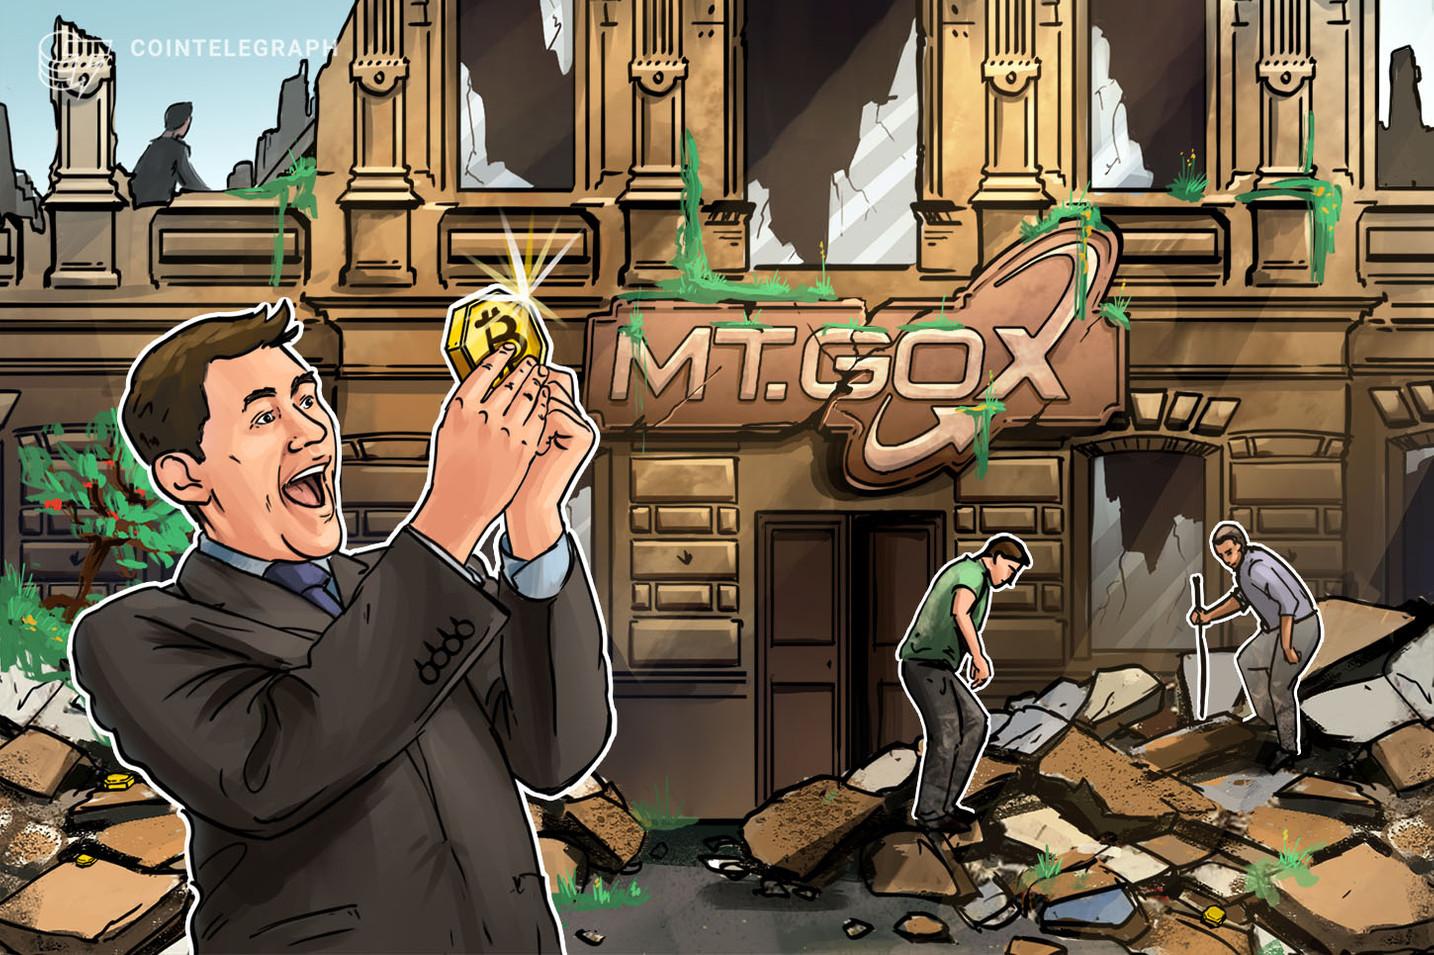 El fundador de Mt. Gox sabía de los riesgos de seguridad desde años antes del colapso, dice una demanda